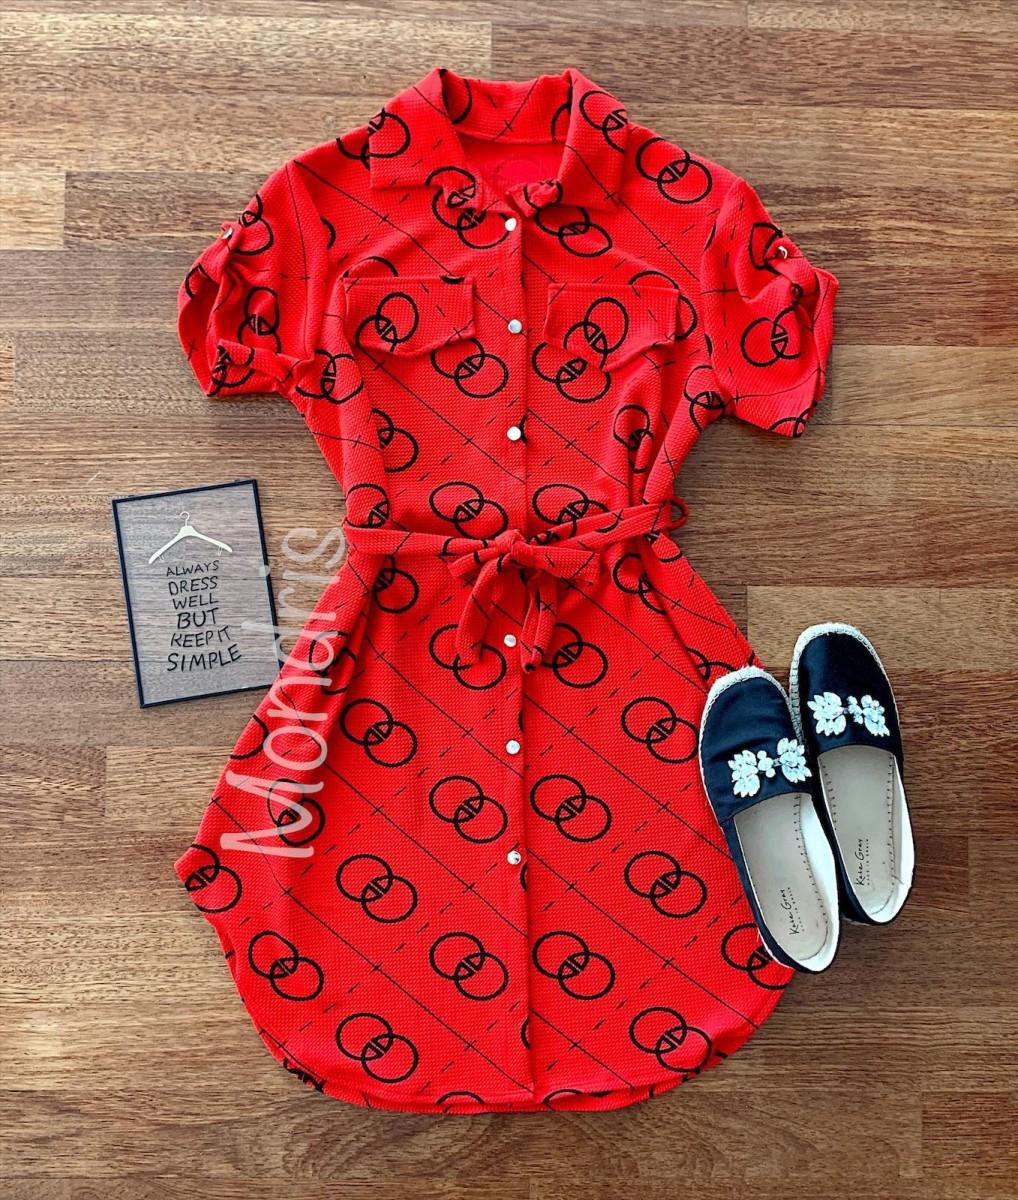 Rochie ieftina casual stil camasa rosie si neagra cu cercuri si cordon in talie